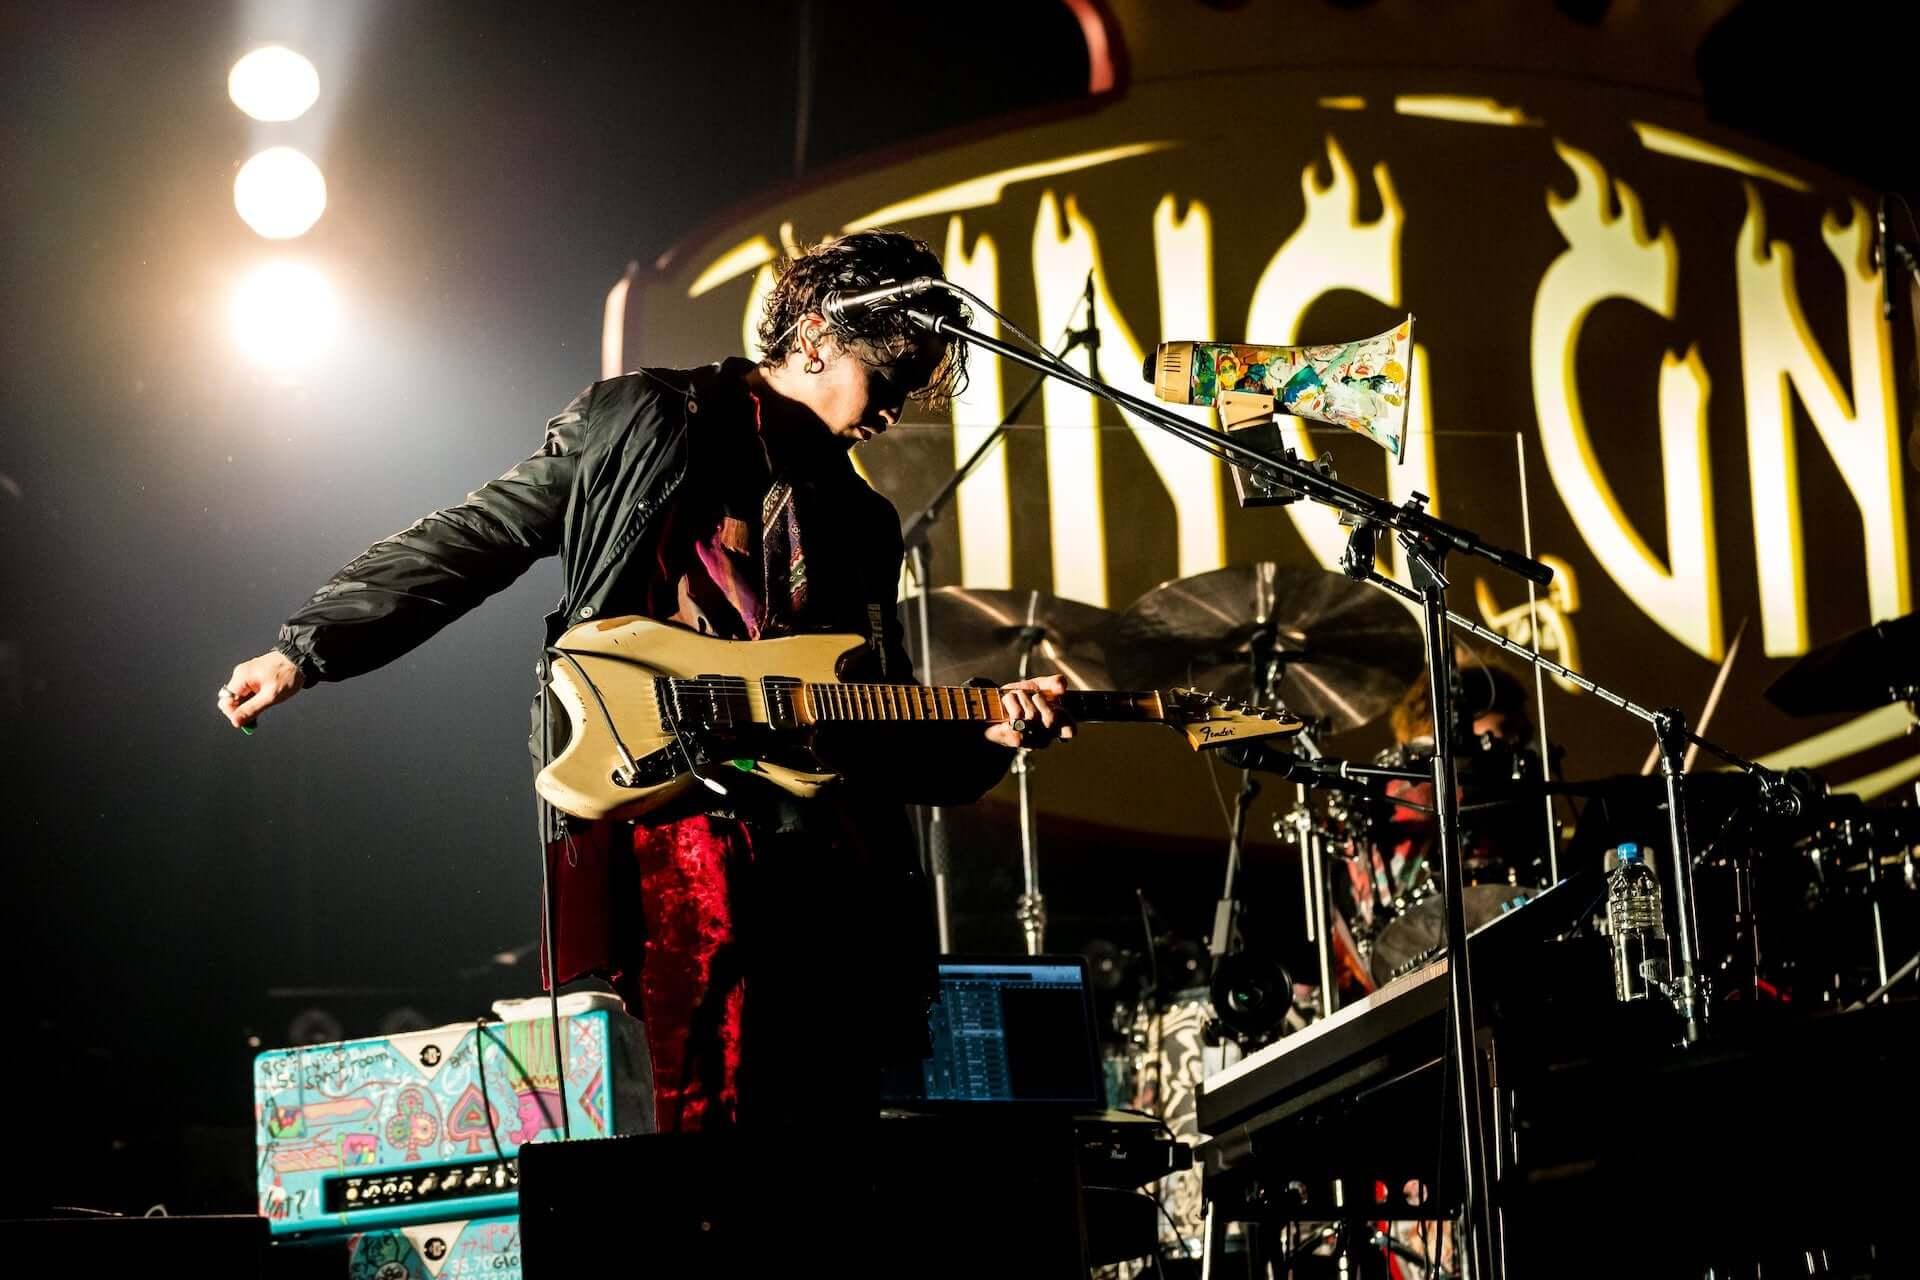 """King Gnu初のアリーナツアー、幕張メッセでは新曲""""千両役者""""も披露!ファイナル公演のライブレポートが到着 music201207_kinggnu_11-1920x1280"""